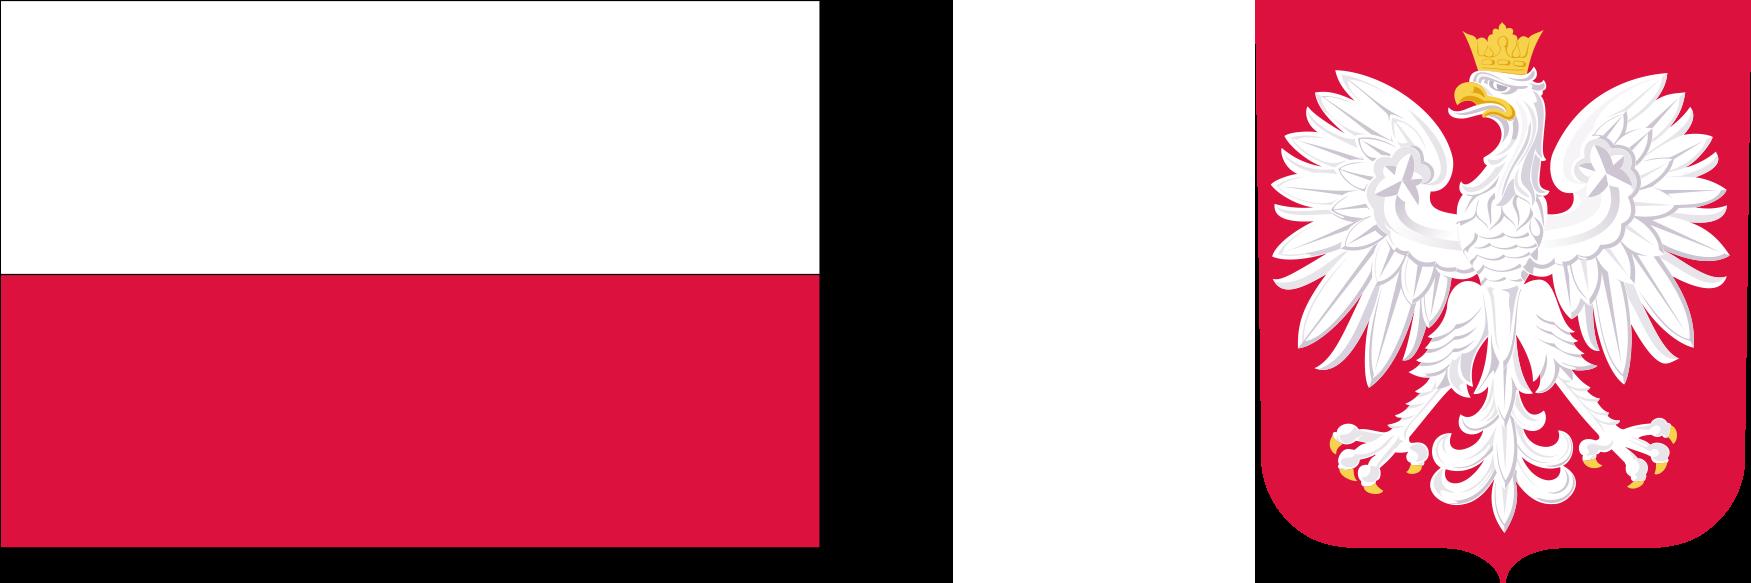 Znaki graficzne: flaga oraz godło Polski